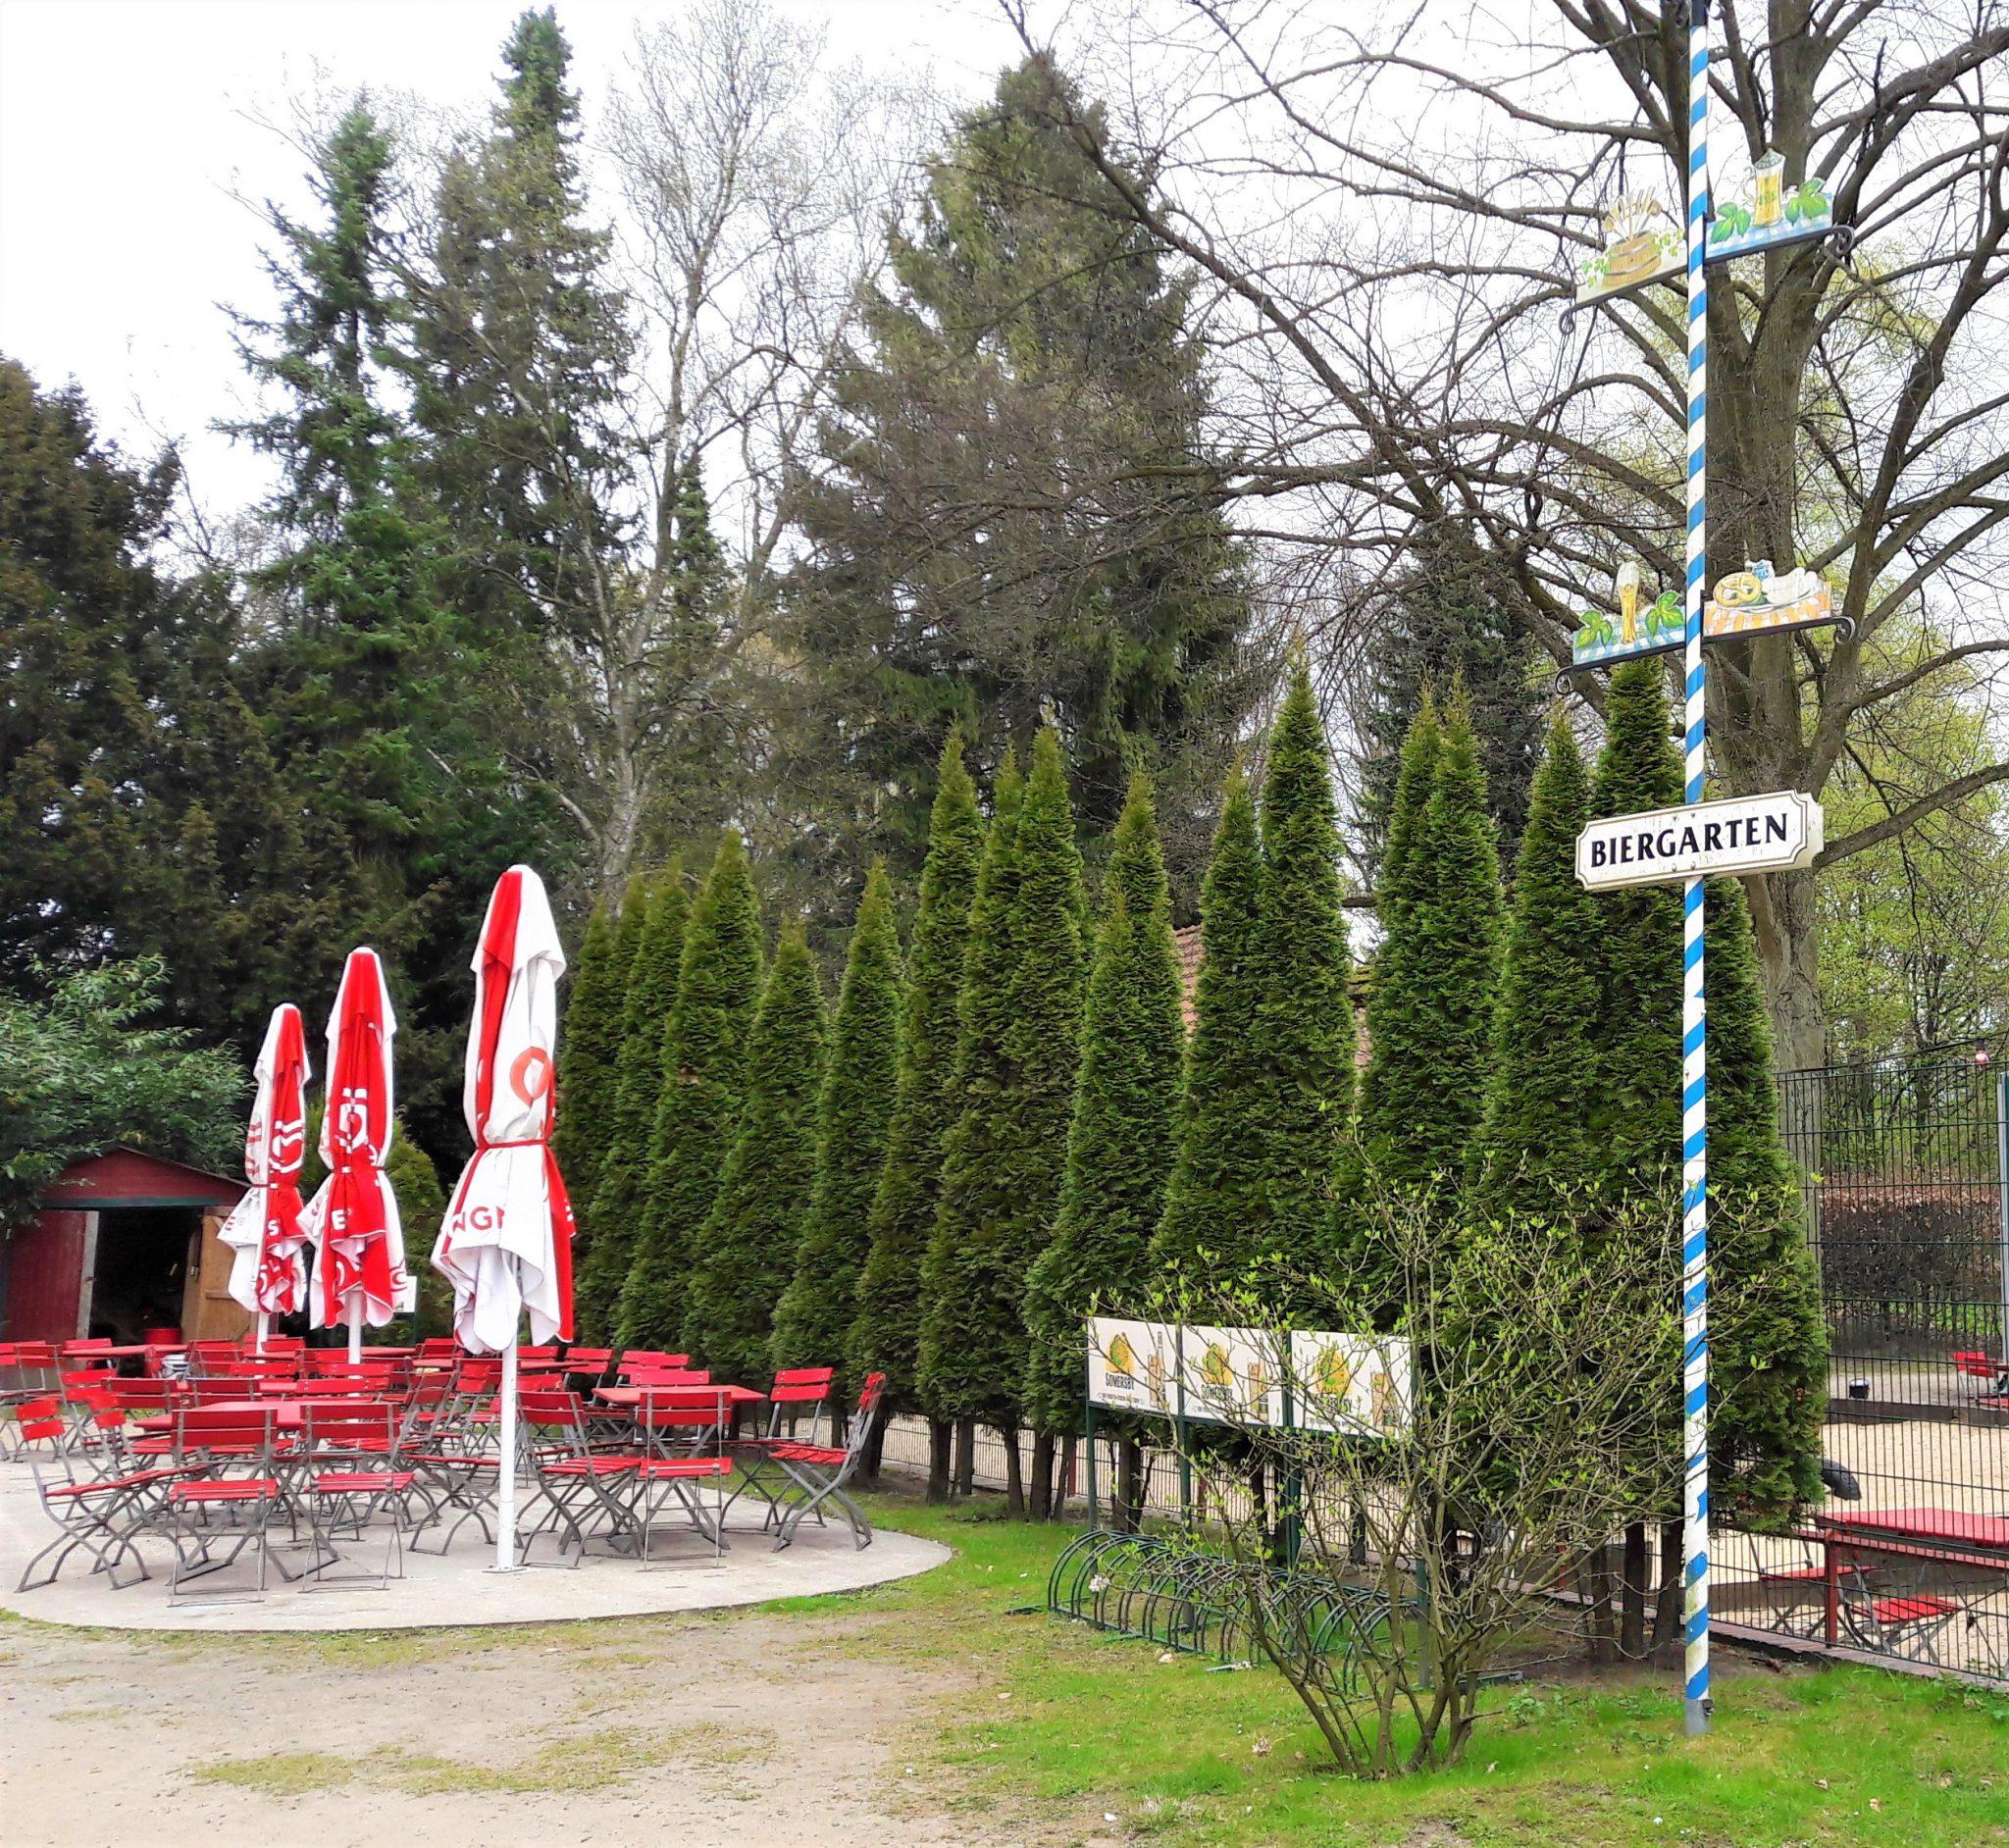 Biergarten Stadtpark Hamburg